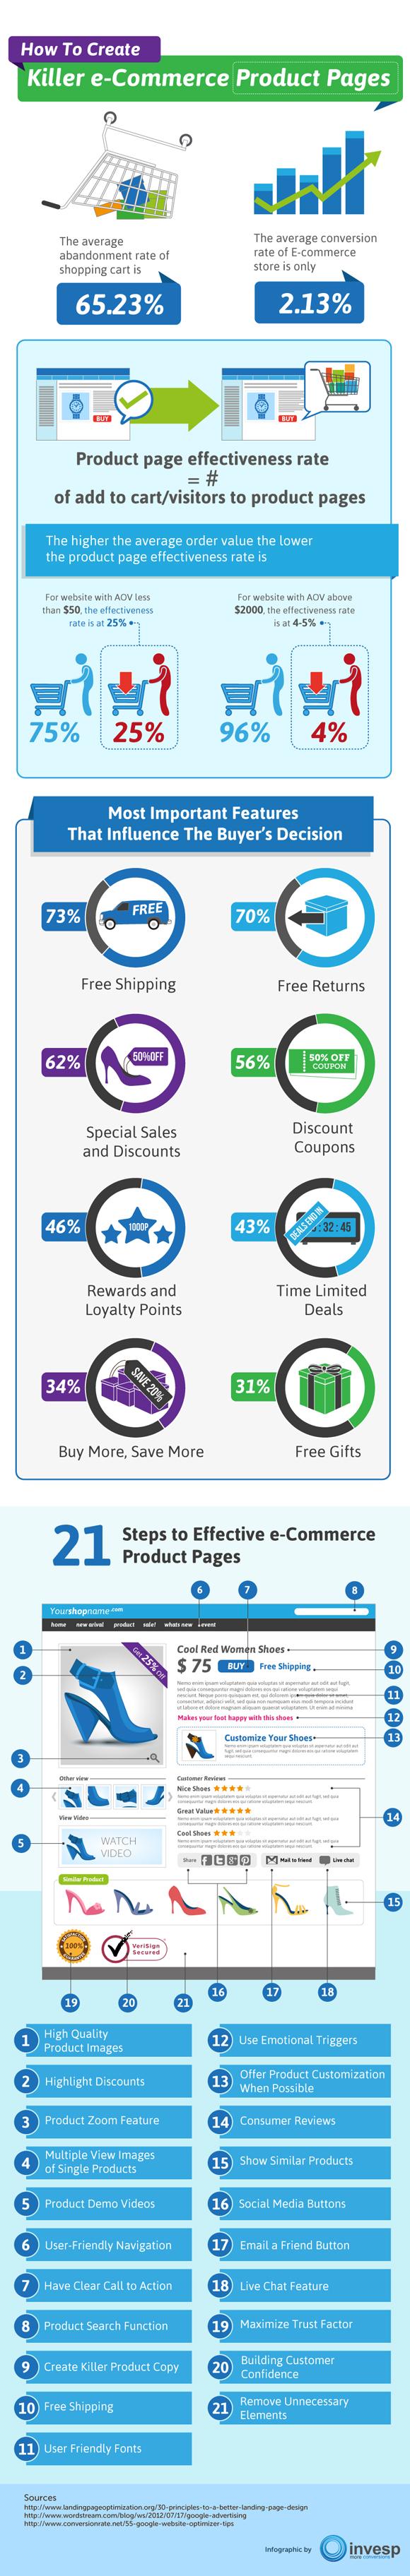 Cómo crear una buena página de Comercio Electrónico